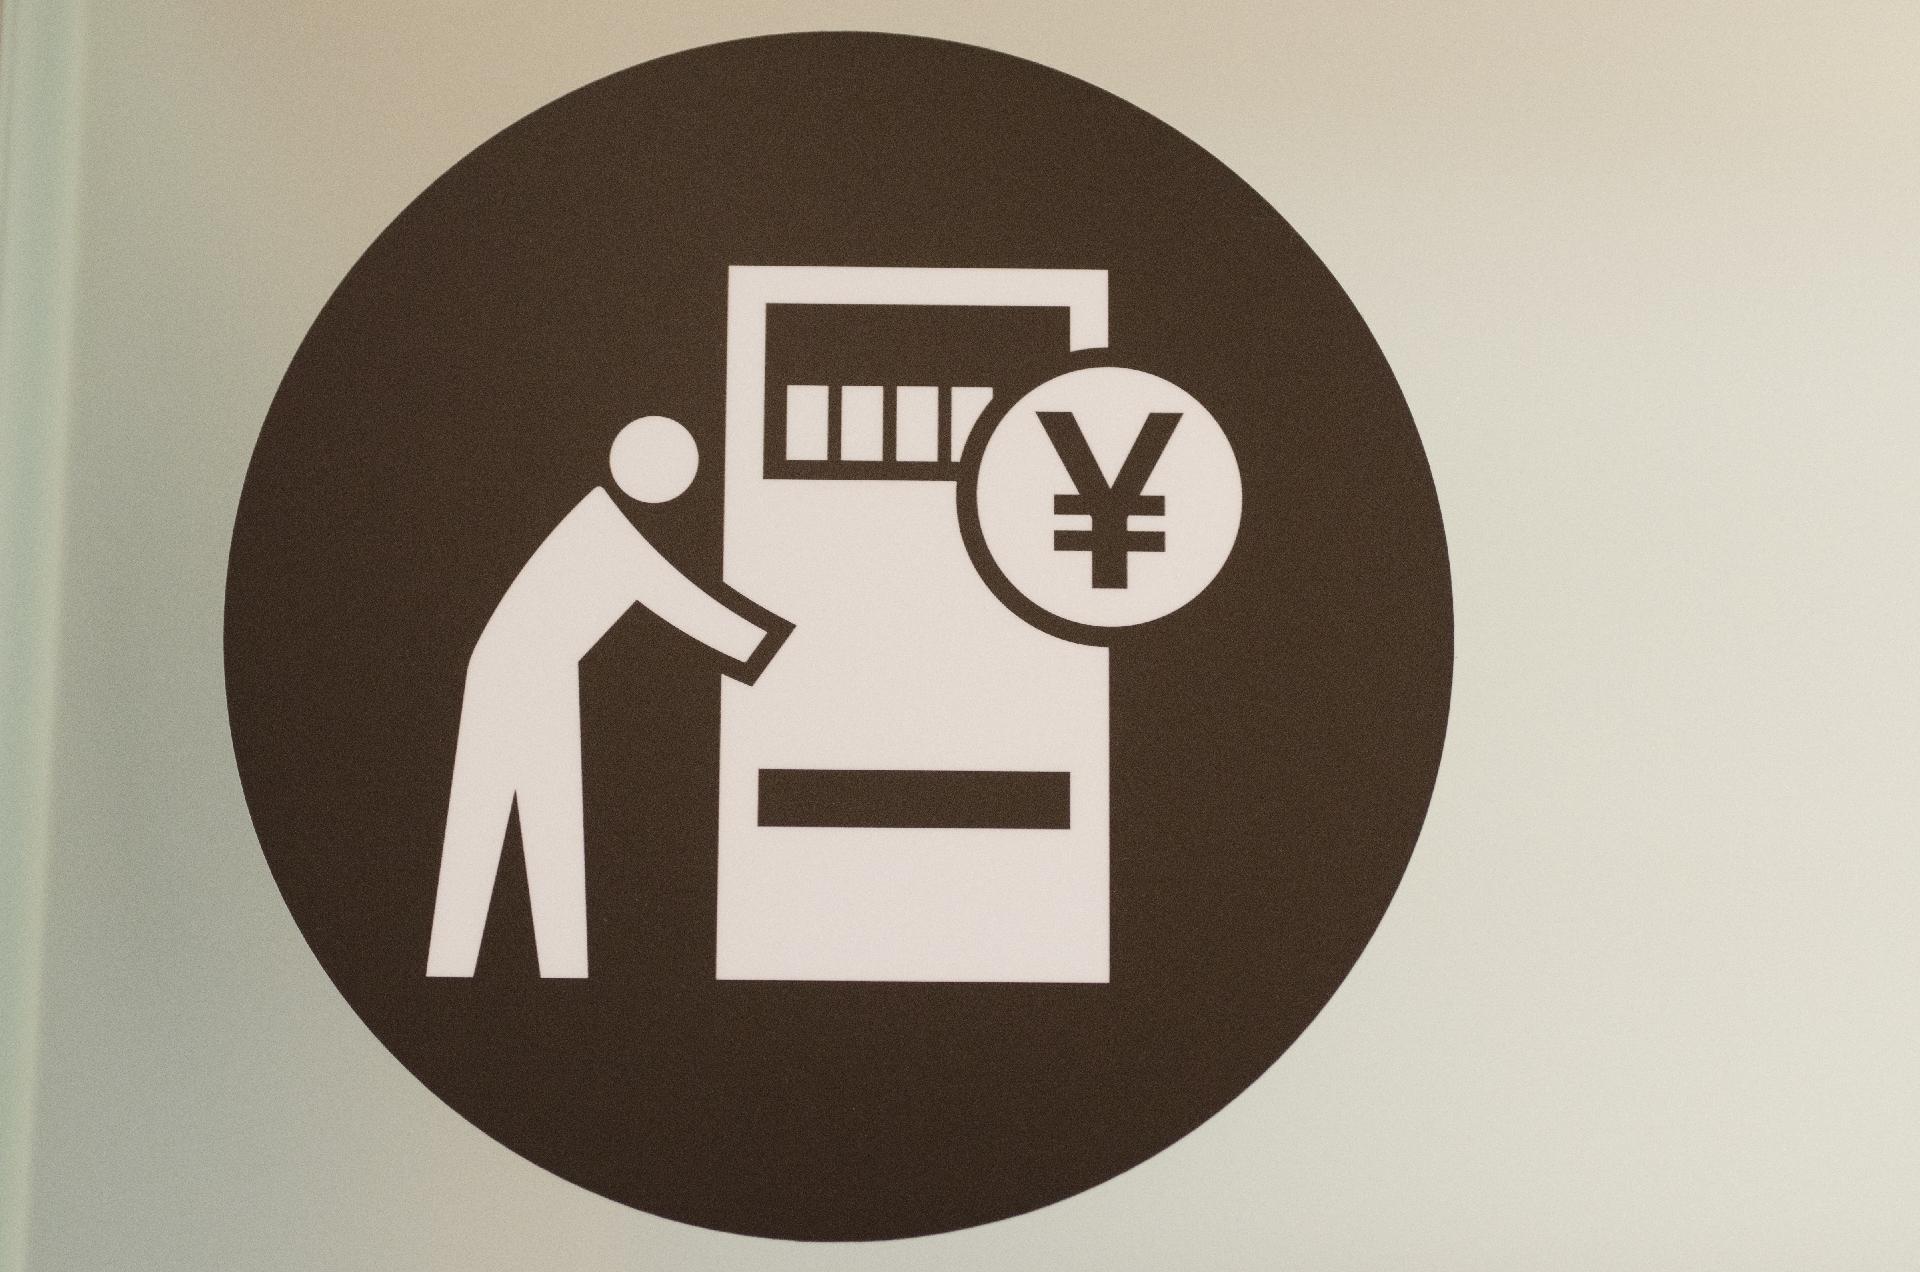 オイシックスがプライベート商品を駅内の次世代自販機で販売開始 認知度拡大へ